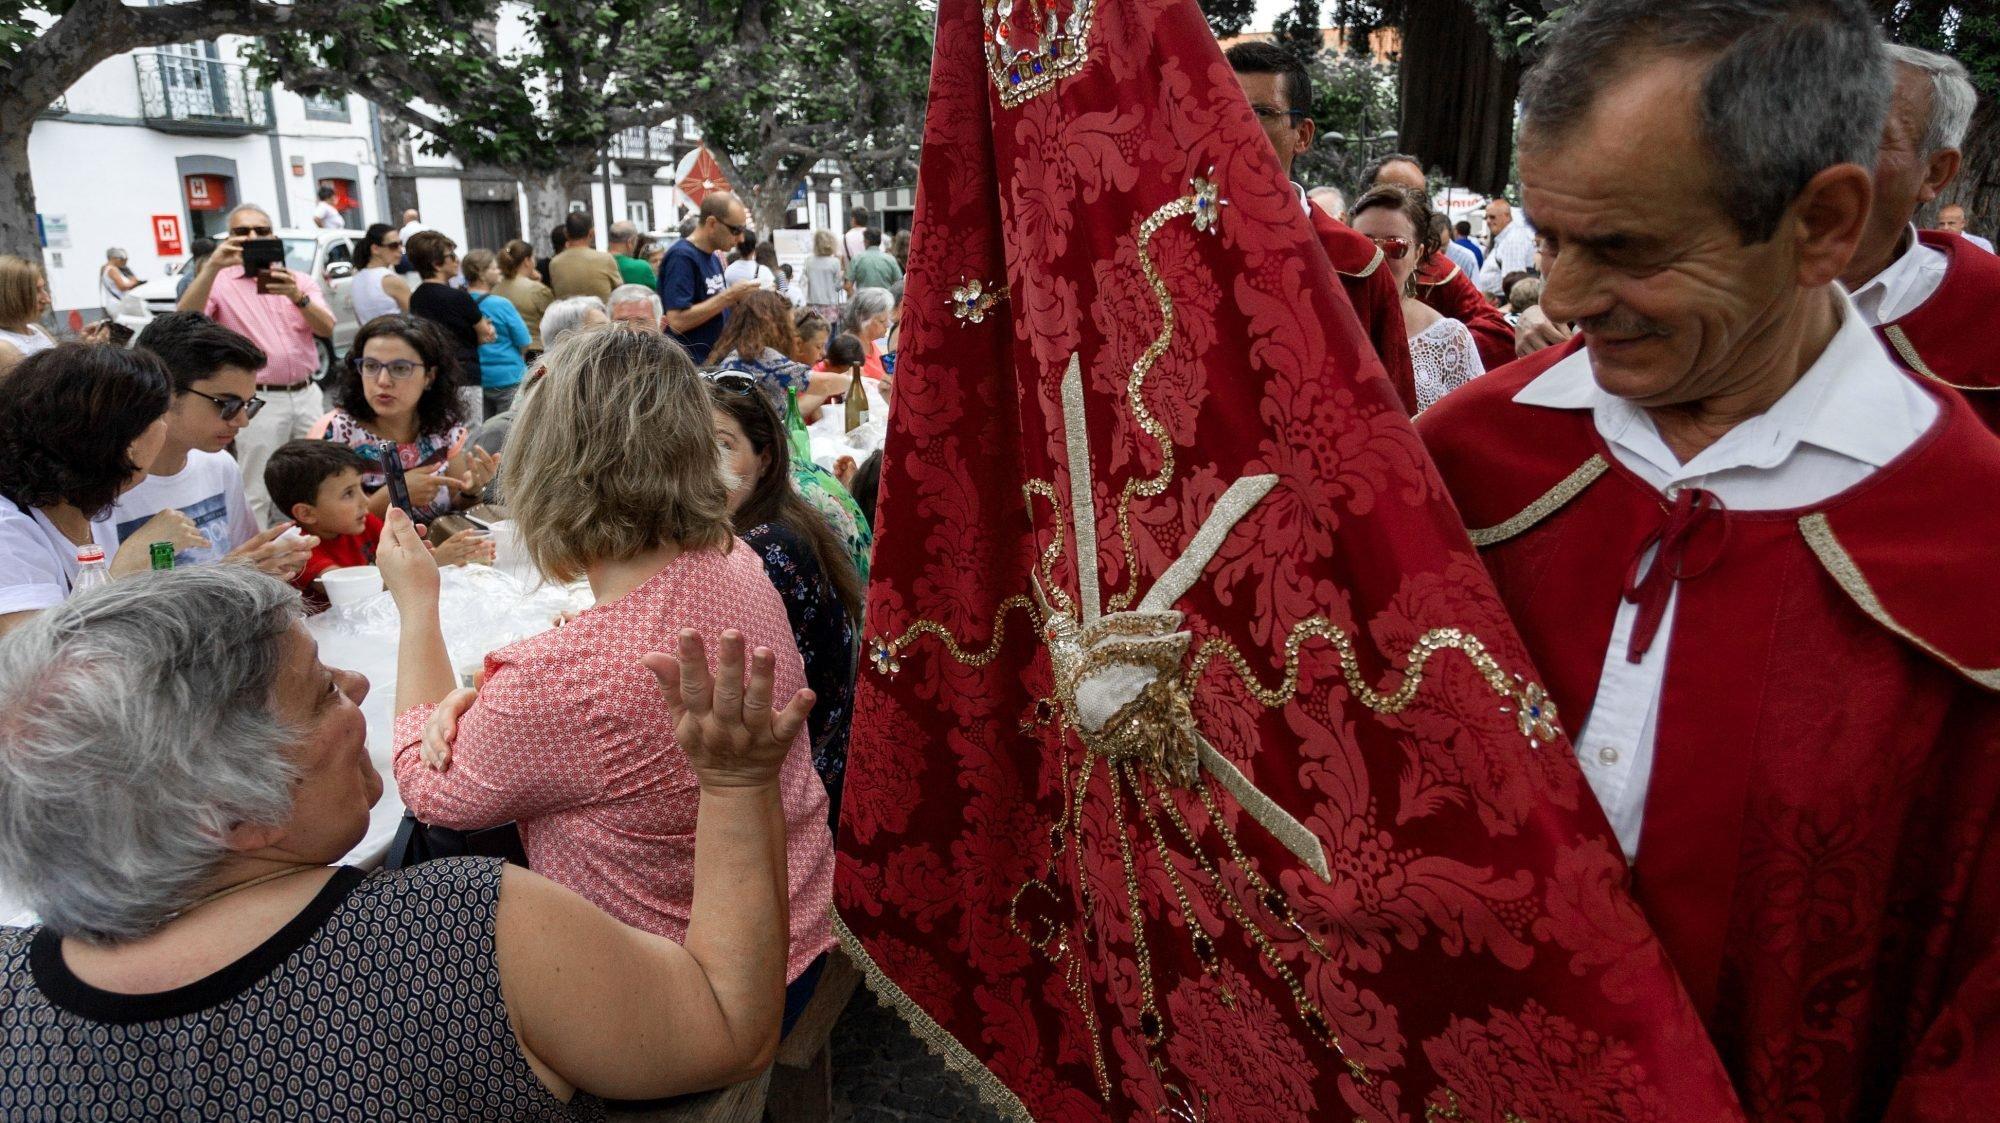 XV Grandes Festas do Divino Espírito Santo de Ponta Delgada